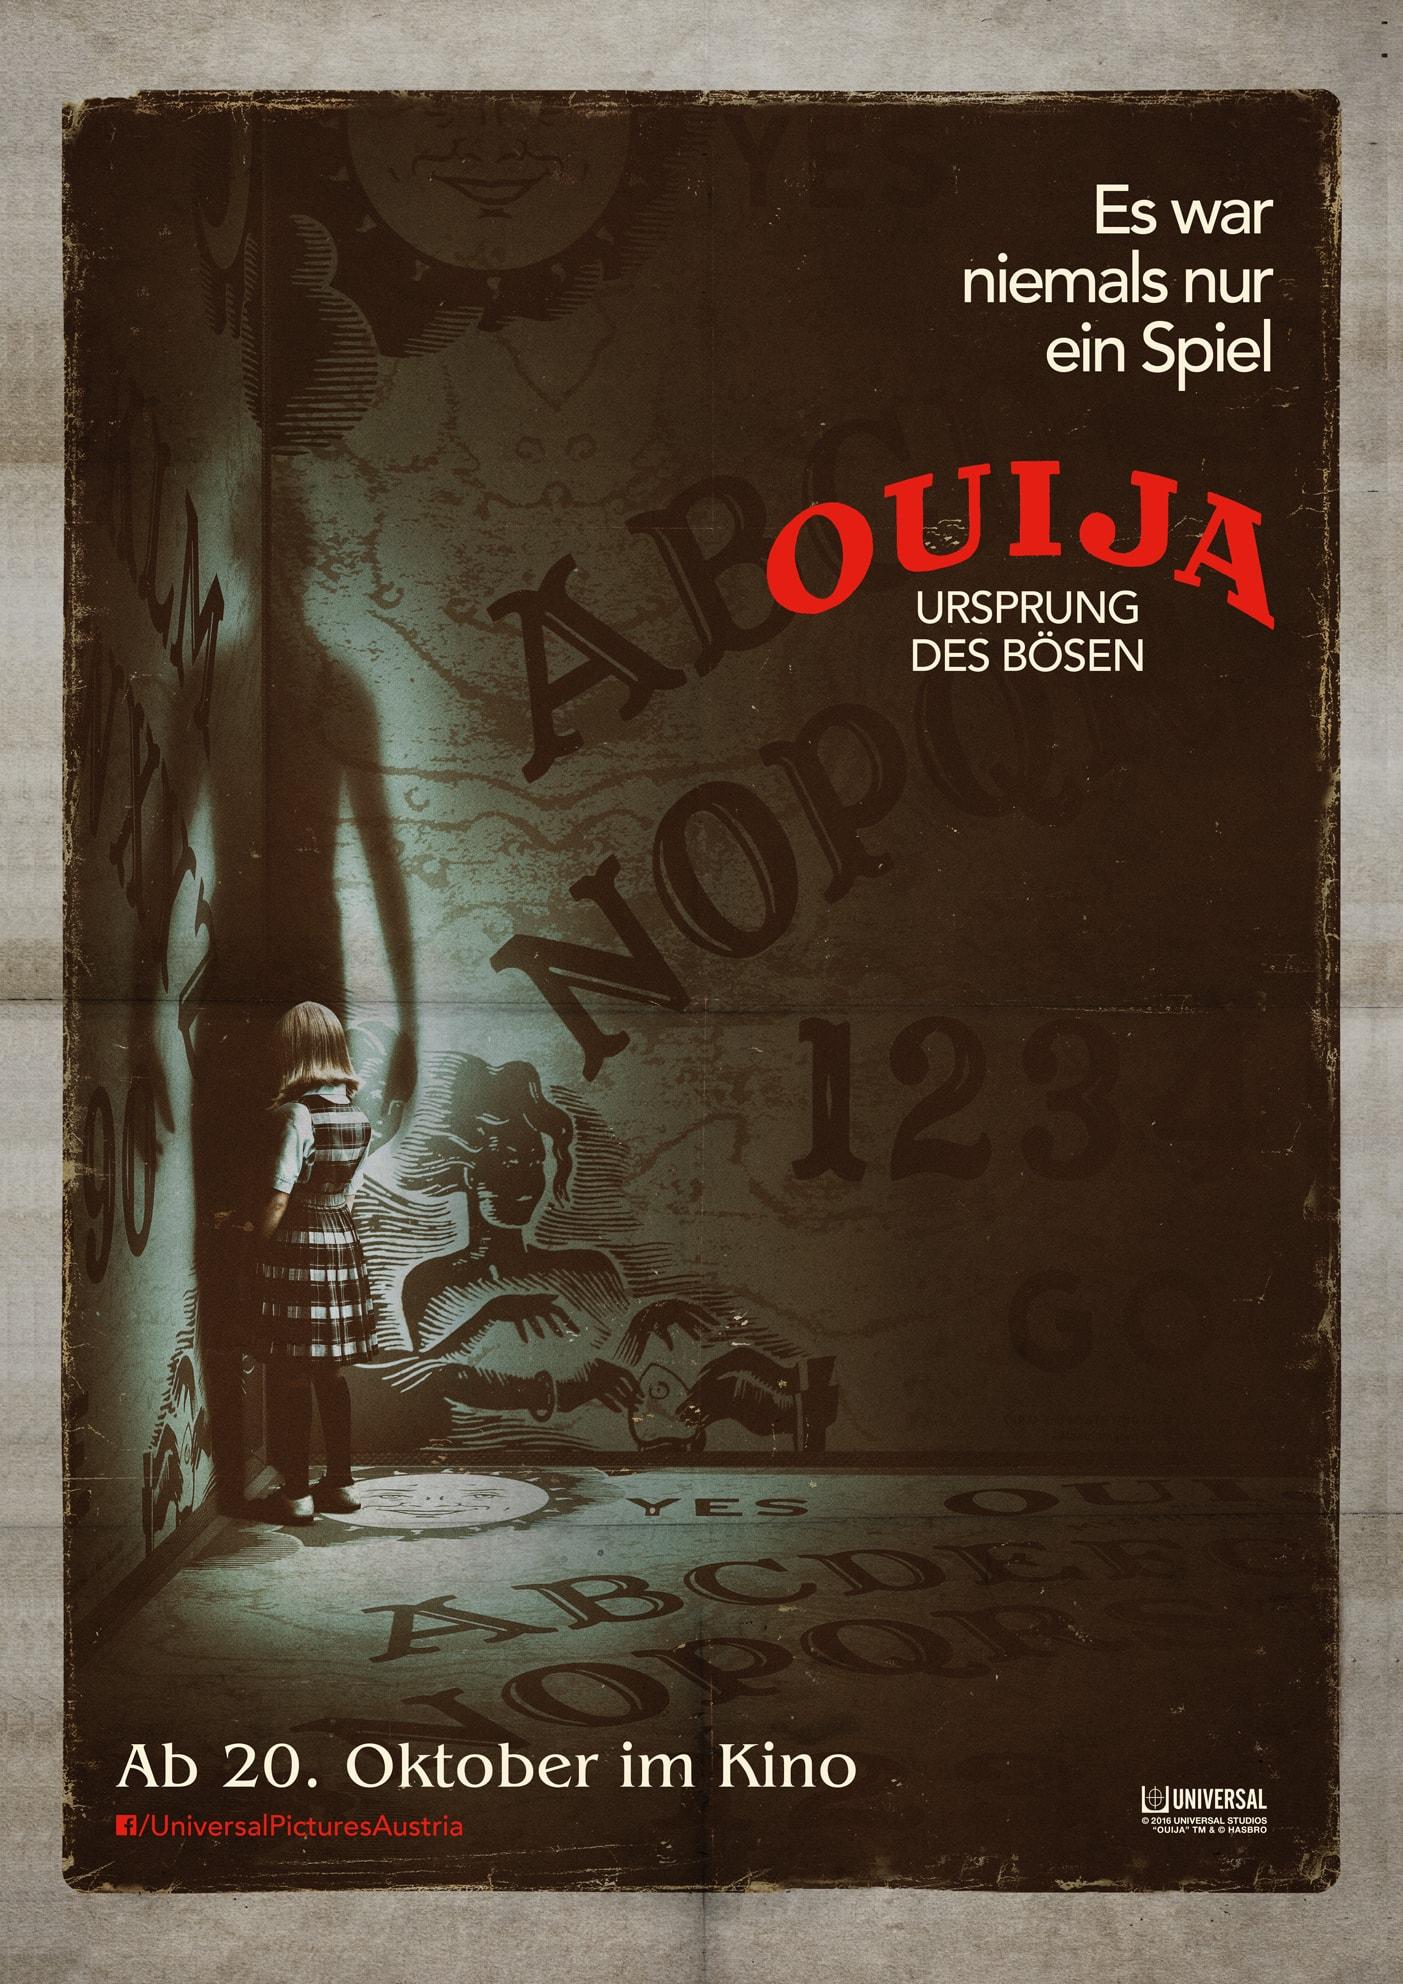 ouija-ursprung-des-boesen-hauptposter-kl